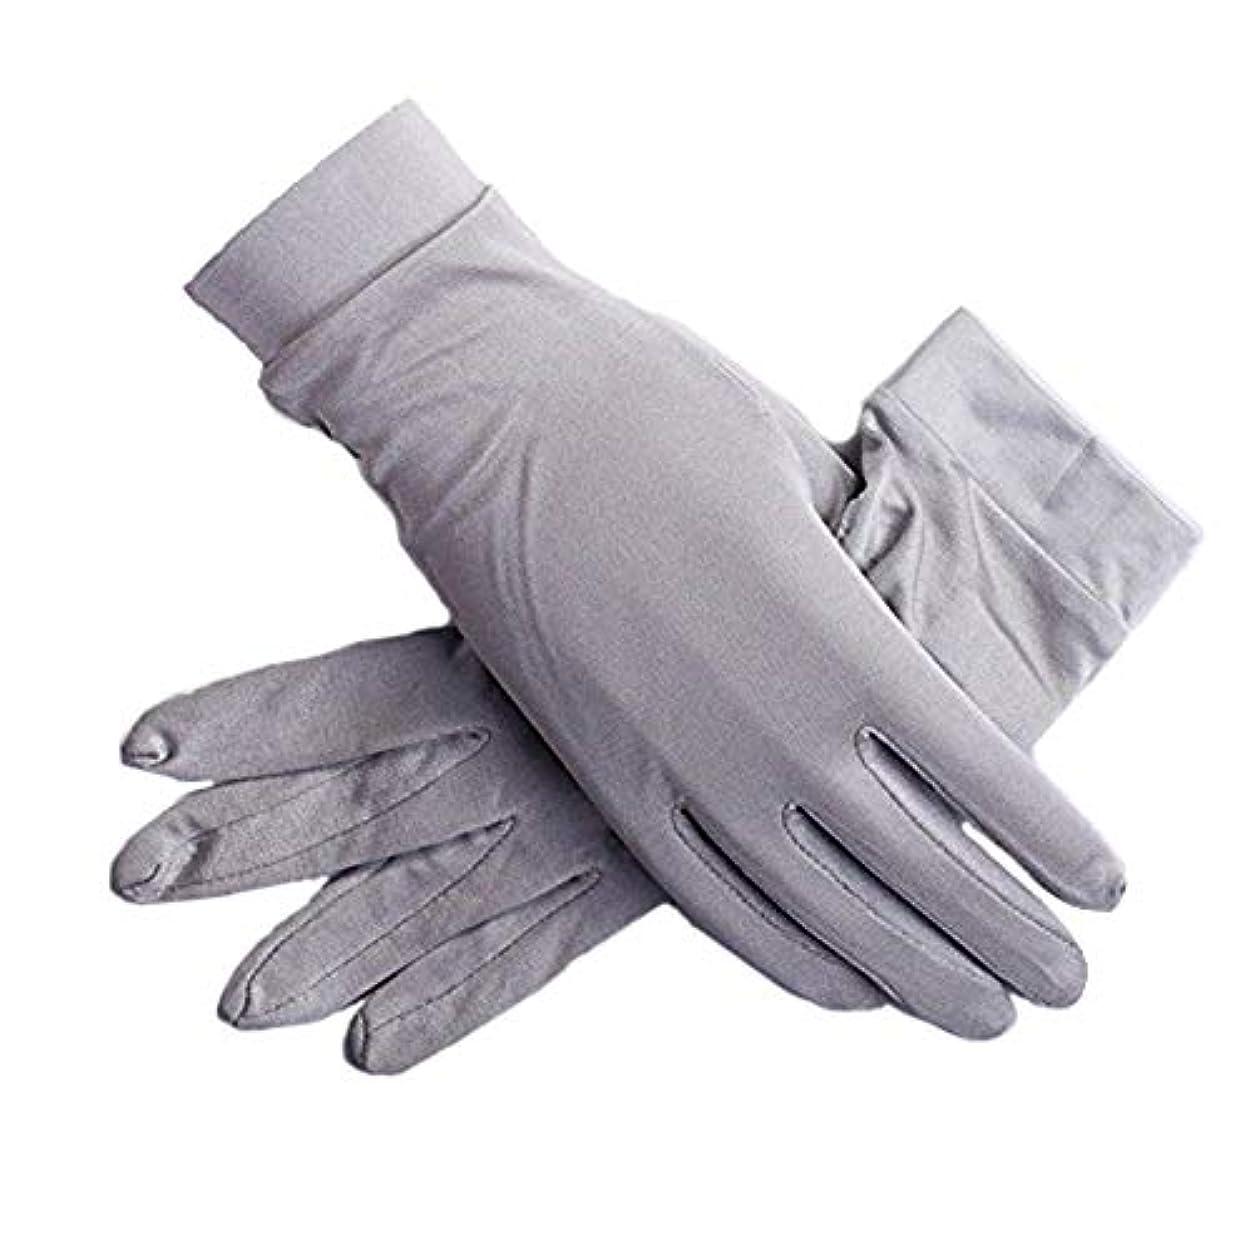 冷ややかな満足ボリュームメンズ シルク手袋 手袋 シルク おやすみ 手触り夏 ハンド ケア レディース日焼け防止 が良い 紫外線 保湿